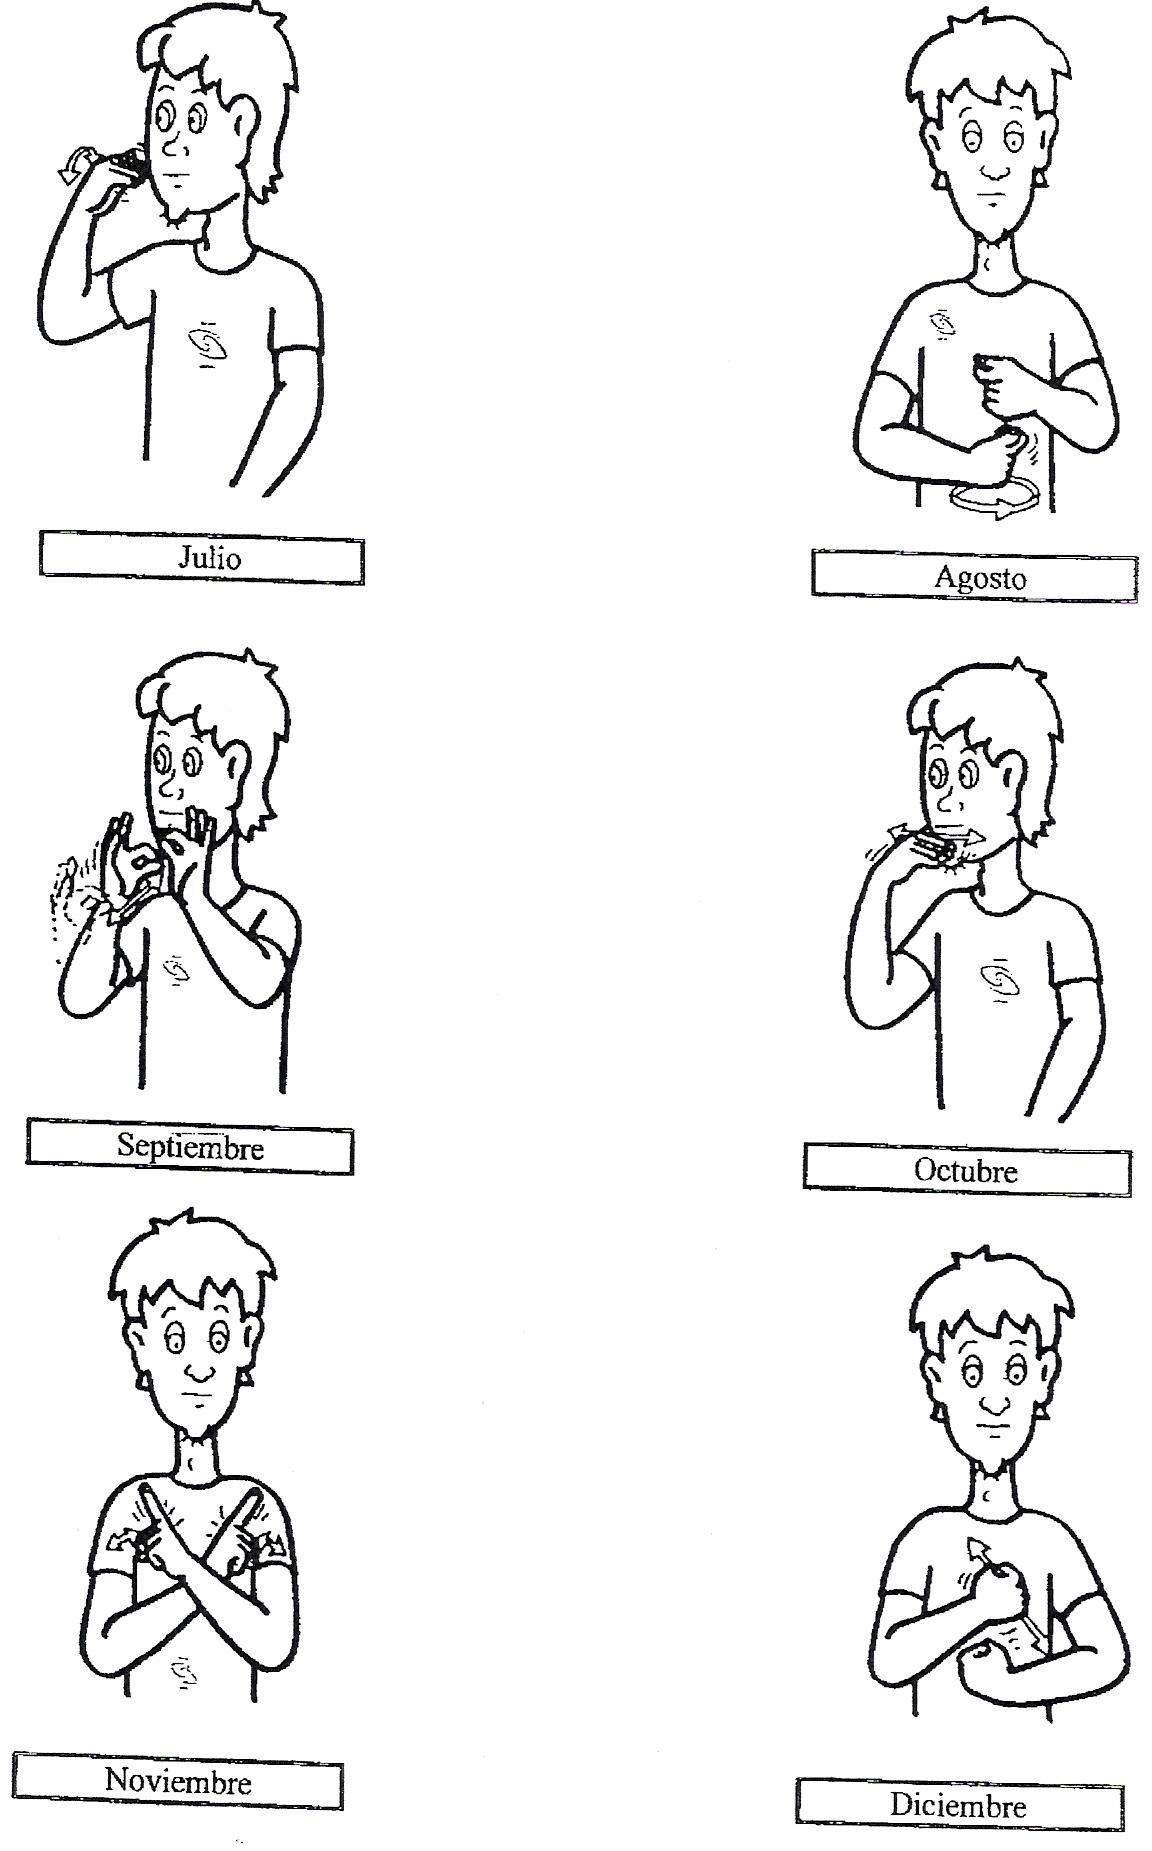 Aprende los meses del año en lengua de signos